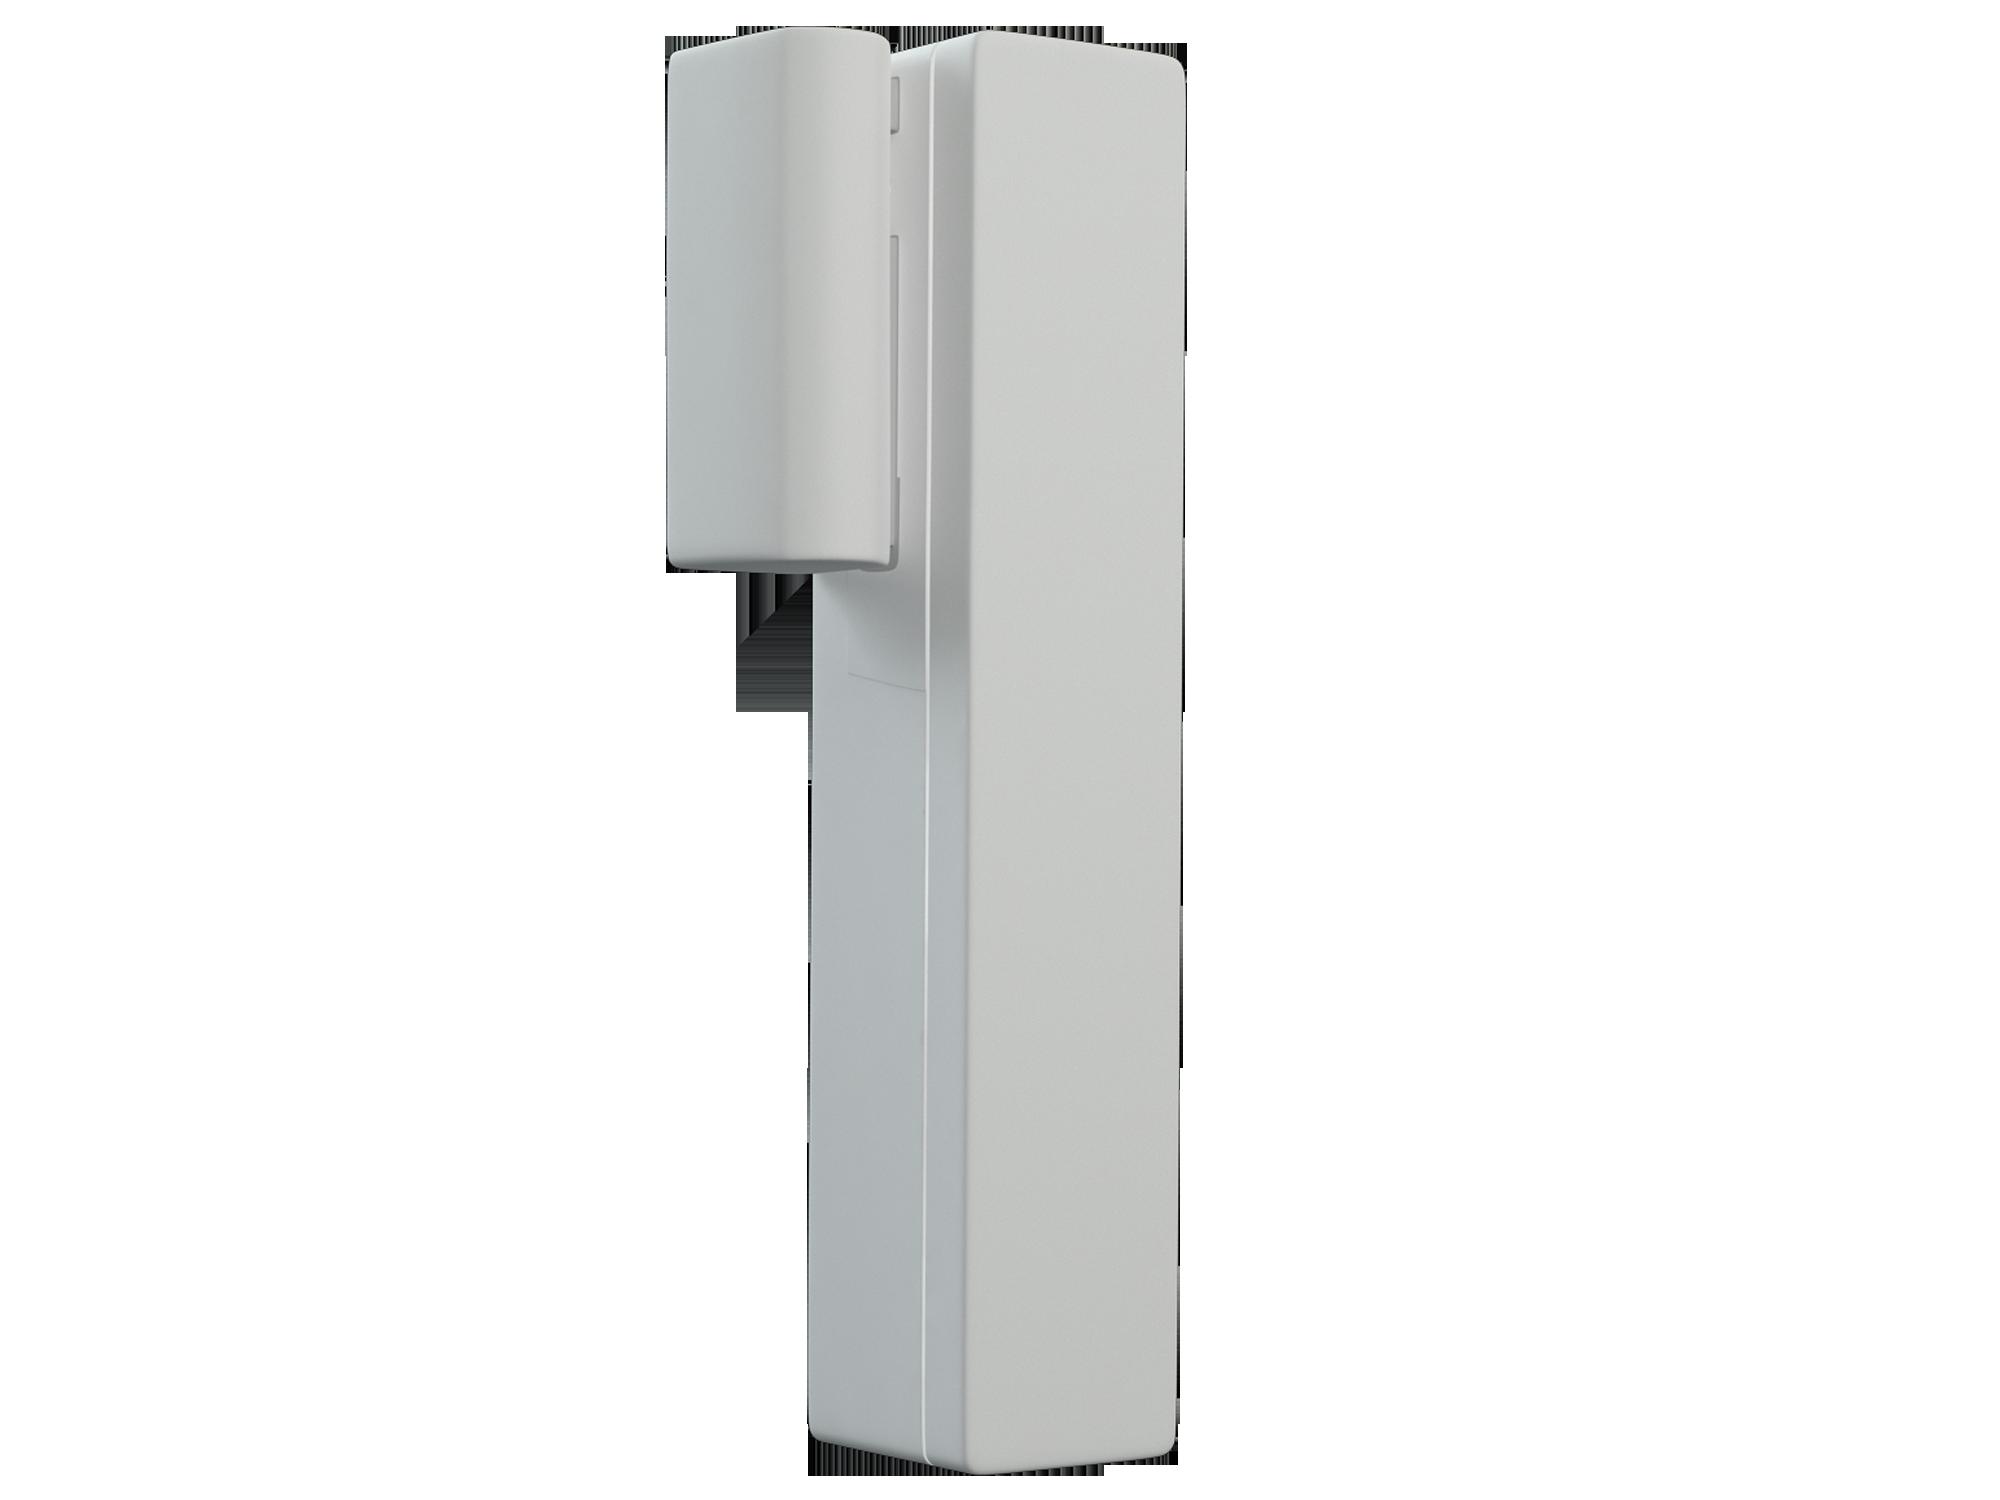 Modelisation 3D du détecteur d'ouverture. Vue de Profil designed by Backlight Studio.